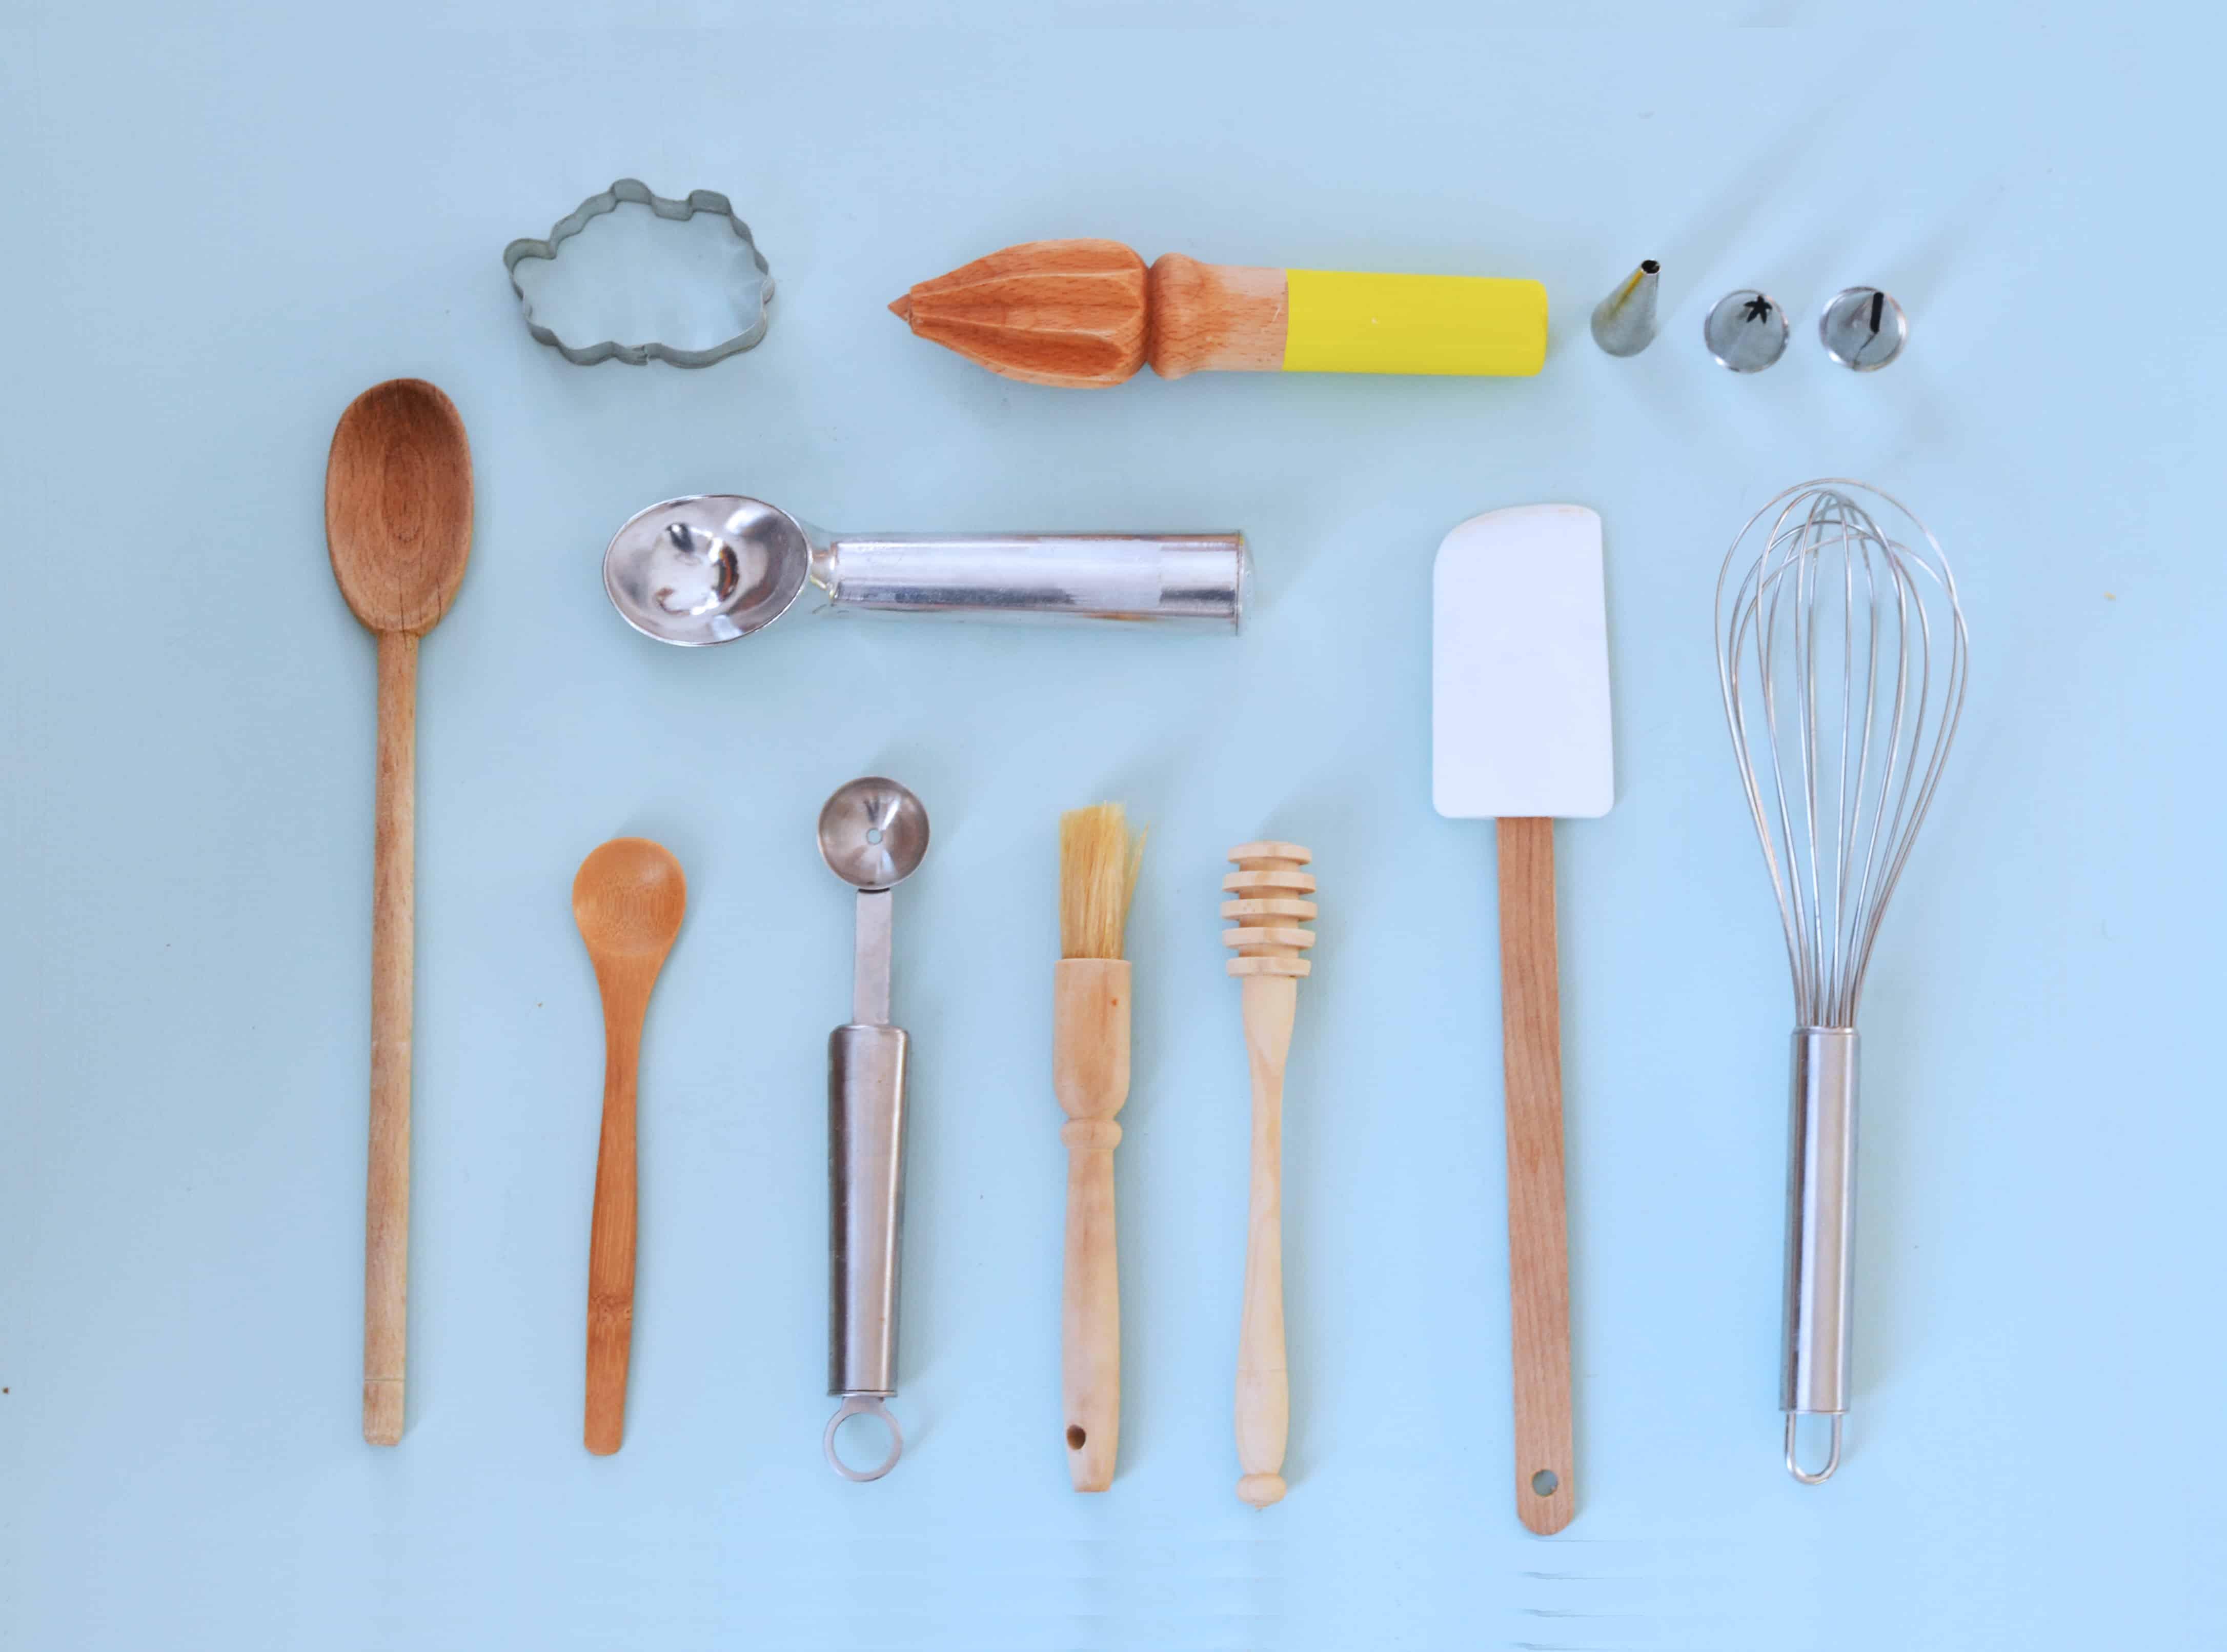 Les ustensiles indispensables en p tisserie pour d butants initi s et pros eat me baby - Liste ustensiles de cuisine ...